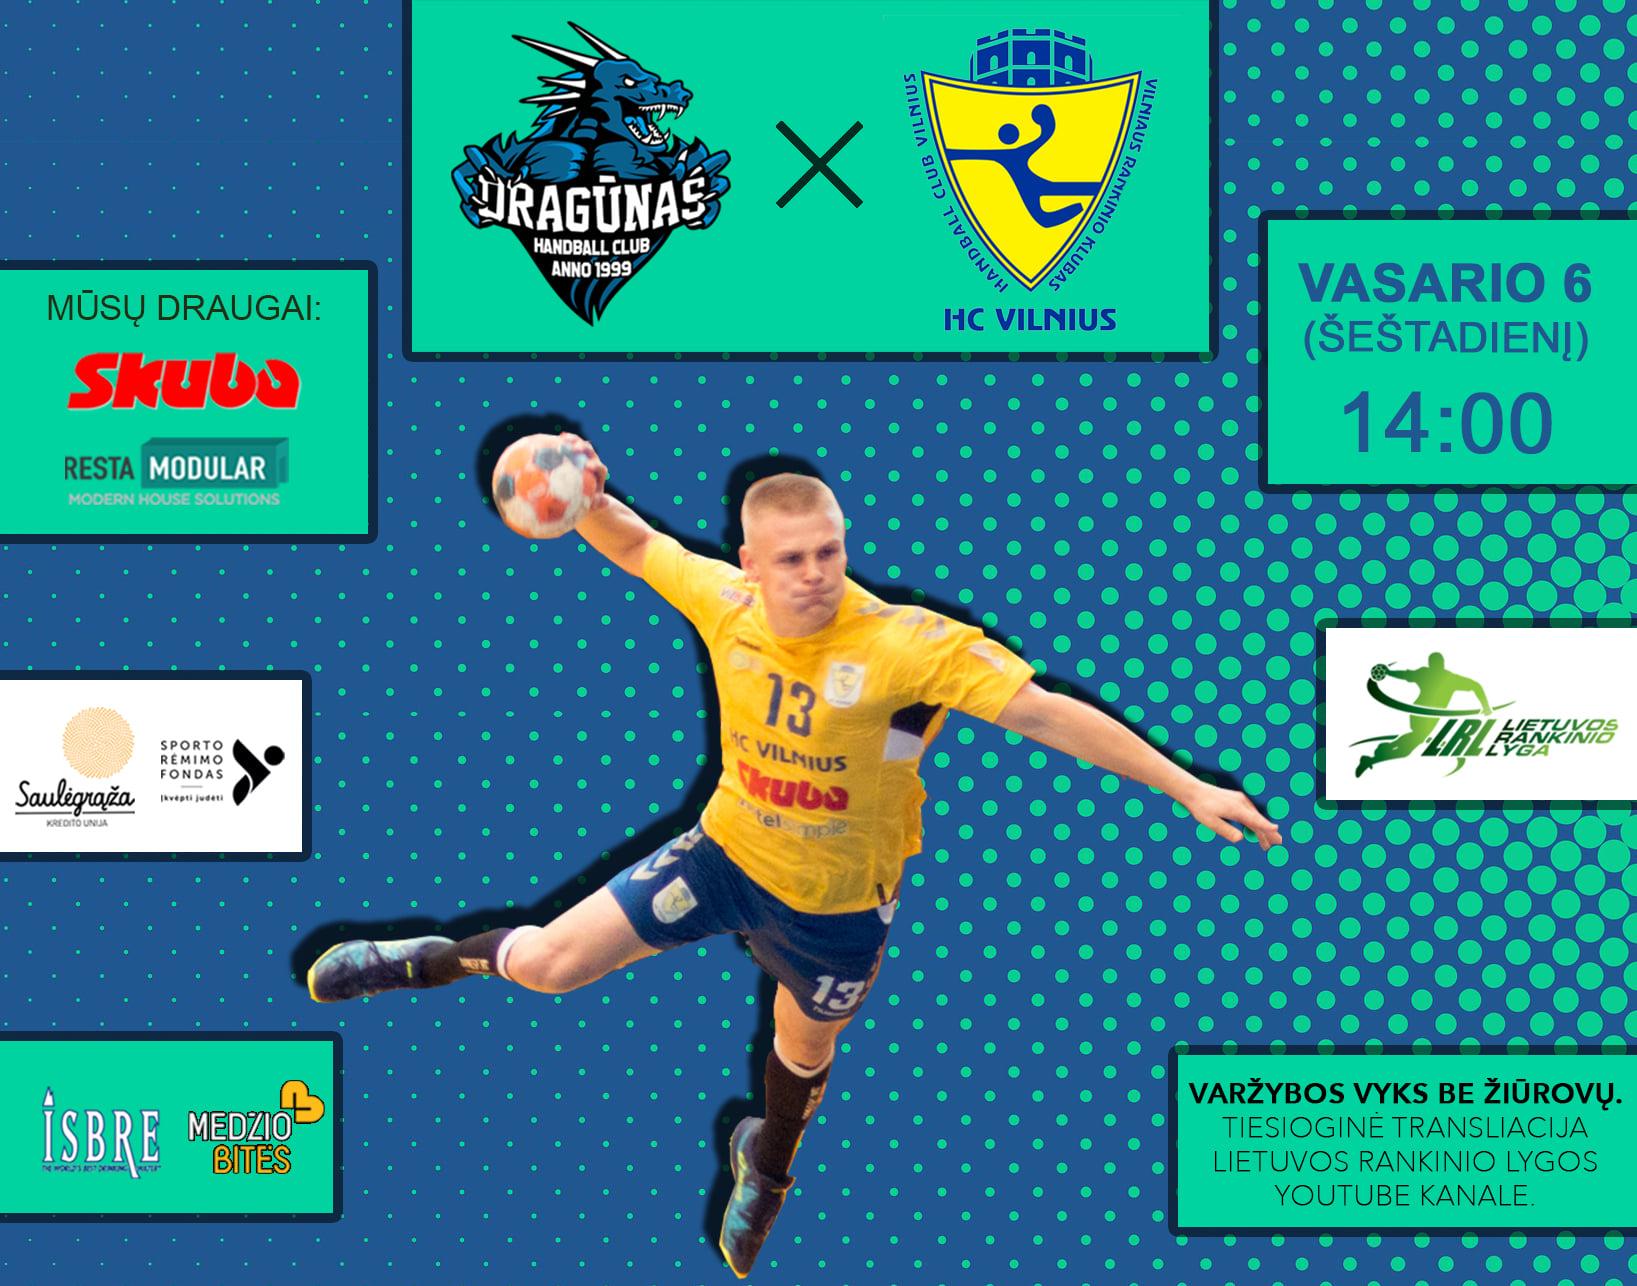 Kadangi LRF taurės varžybos nukeliamos į vasario 13–14 d., šį savaitgalį važiuojame į Klaipėdą 🤾💪